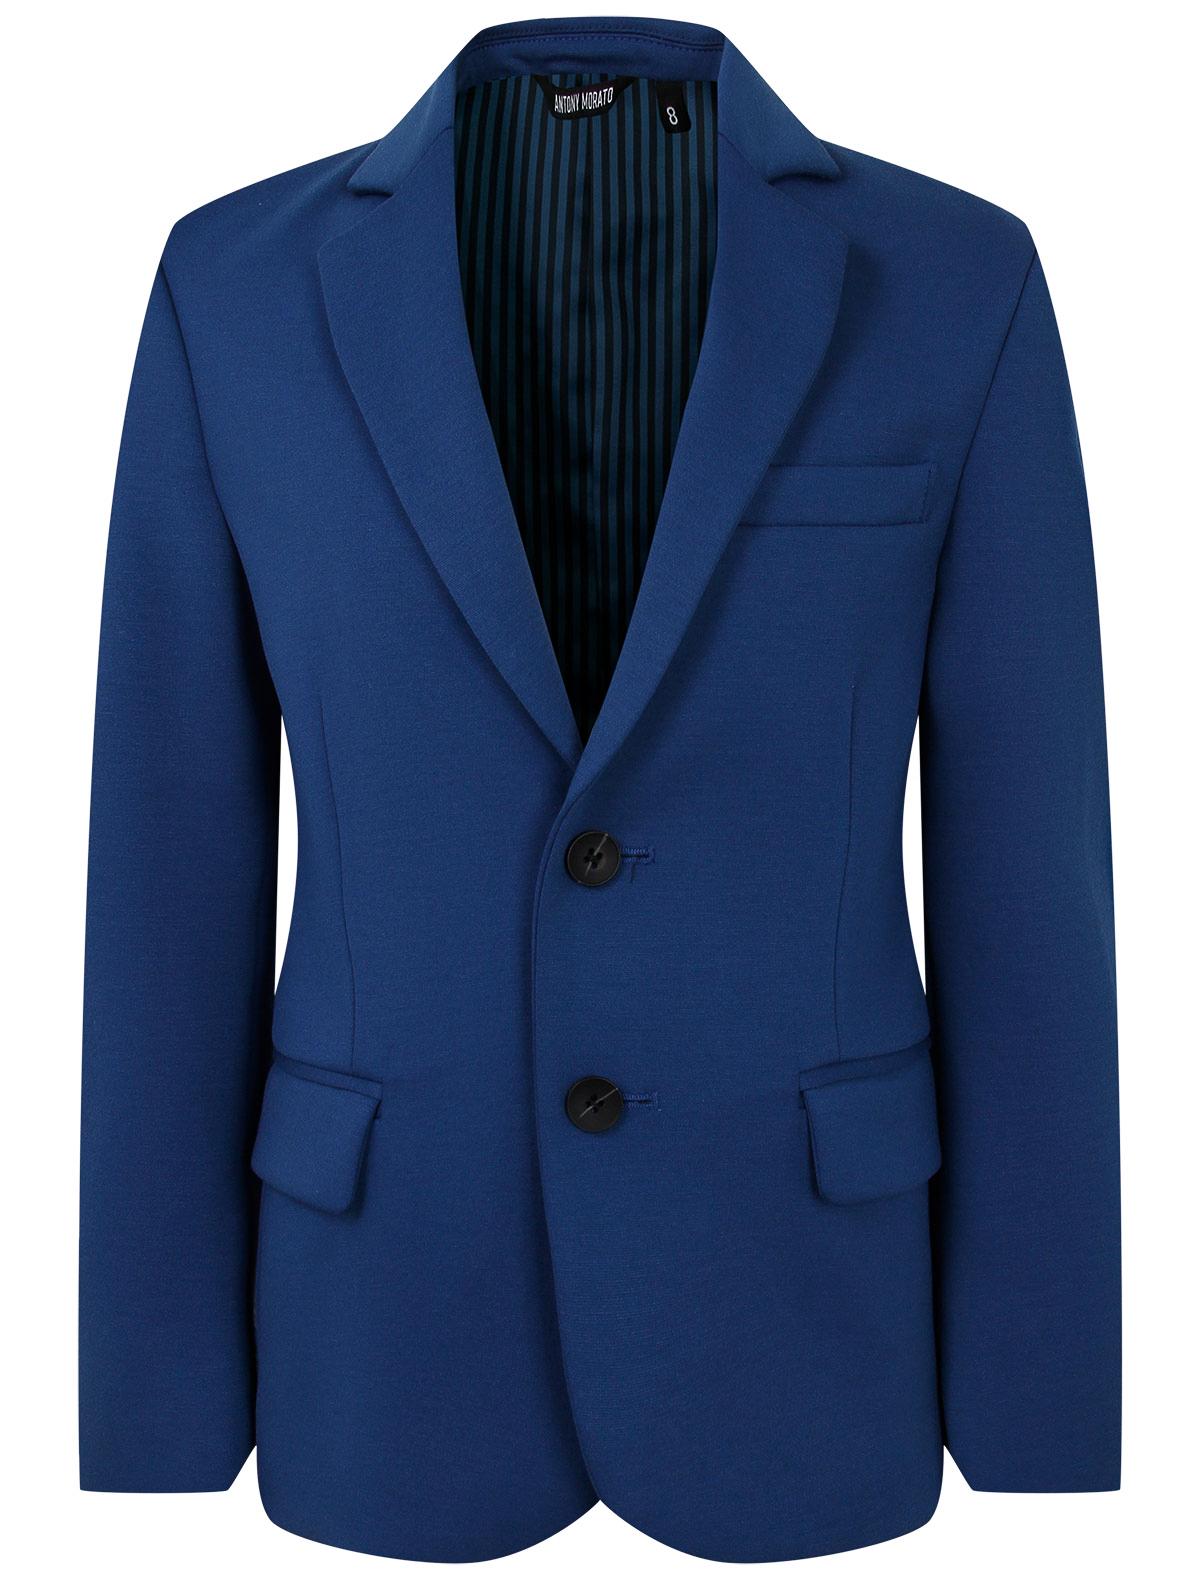 2289231, Пиджак Antony Morato, синий, Мужской, 1334519170206  - купить со скидкой